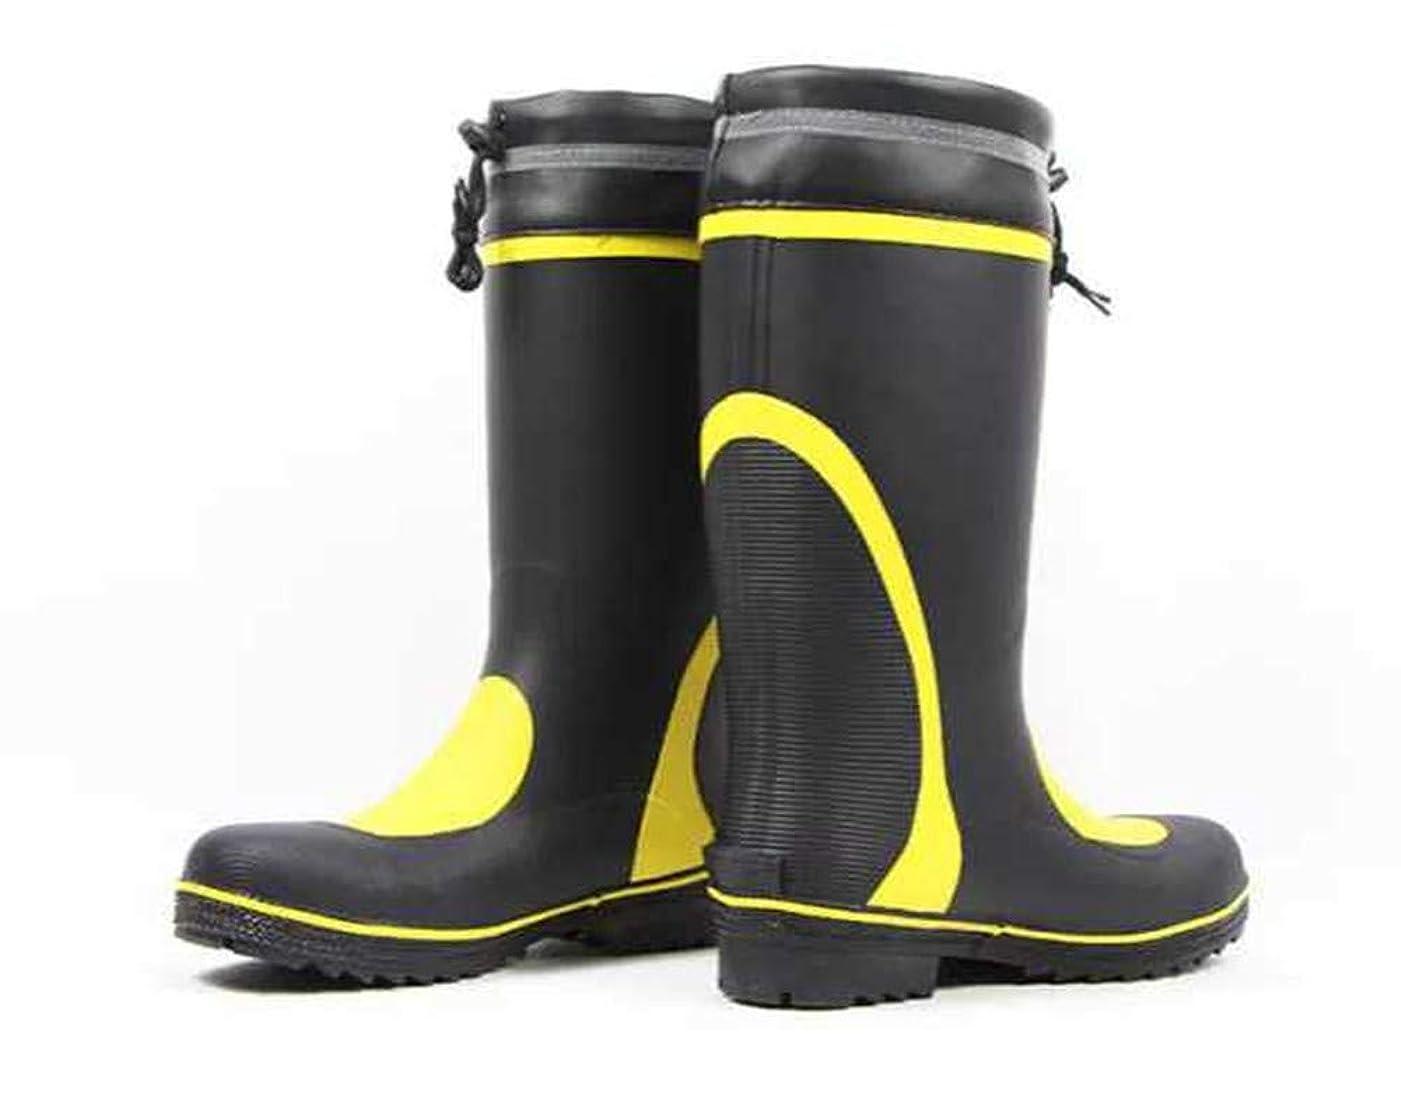 決定するロンドン時間厳守長靴 作業用 安全長靴 カバー付 長靴 作業靴 セーフティーブーツ 銅製先芯入り ロングタイプ メンズ